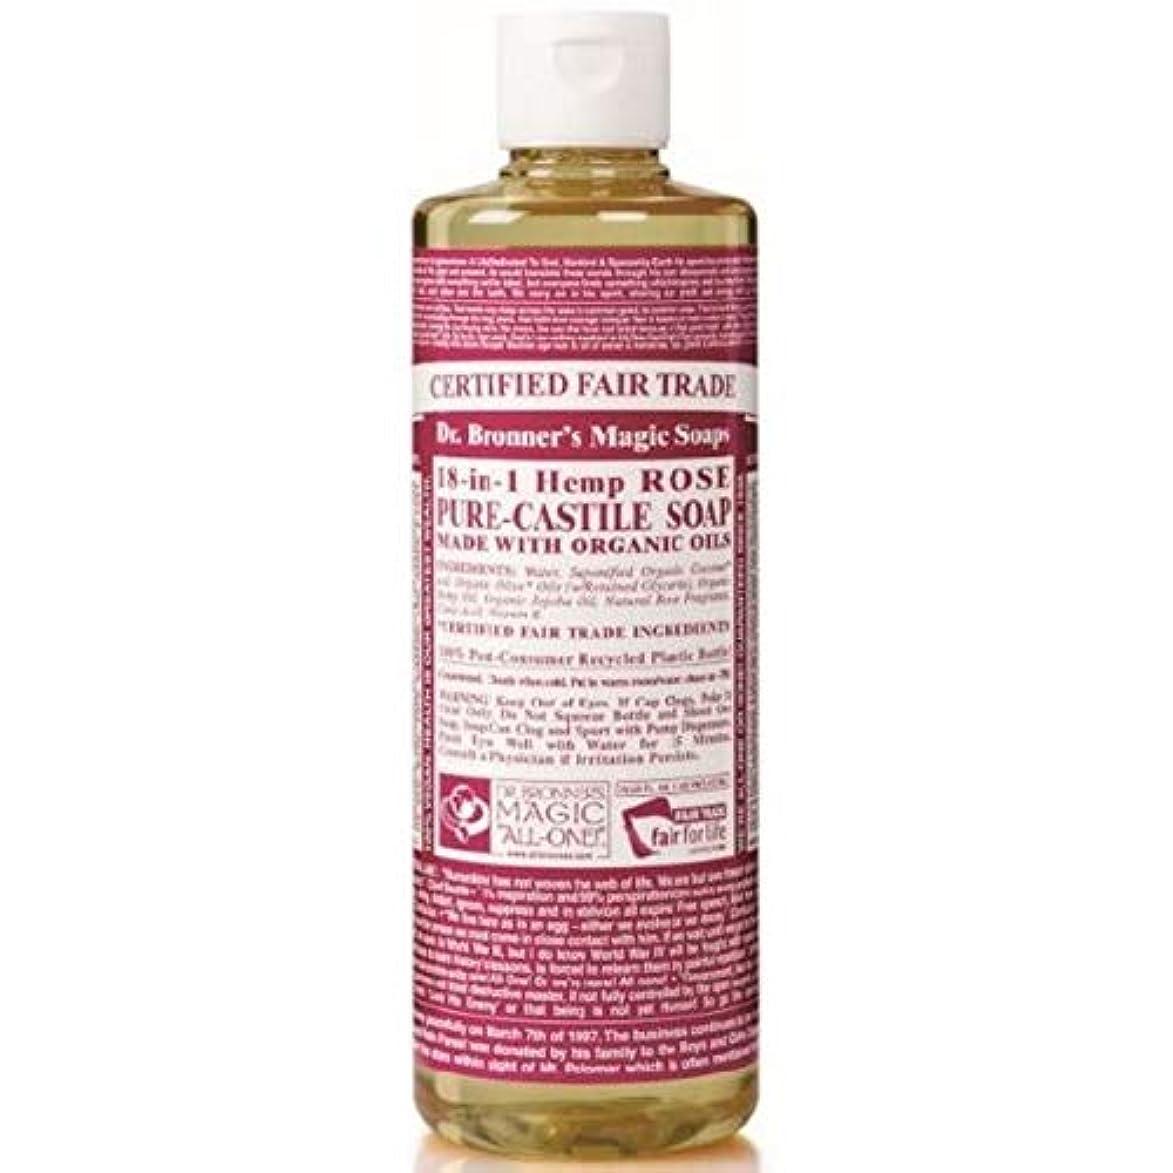 圧倒的魅力的モニカ[Dr Bronner] Dr。ブロナーズ有機バラカスティーリャ液体石鹸237ミリリットル - Dr. Bronner's Organic Rose Castile Liquid Soap 237ml [並行輸入品]